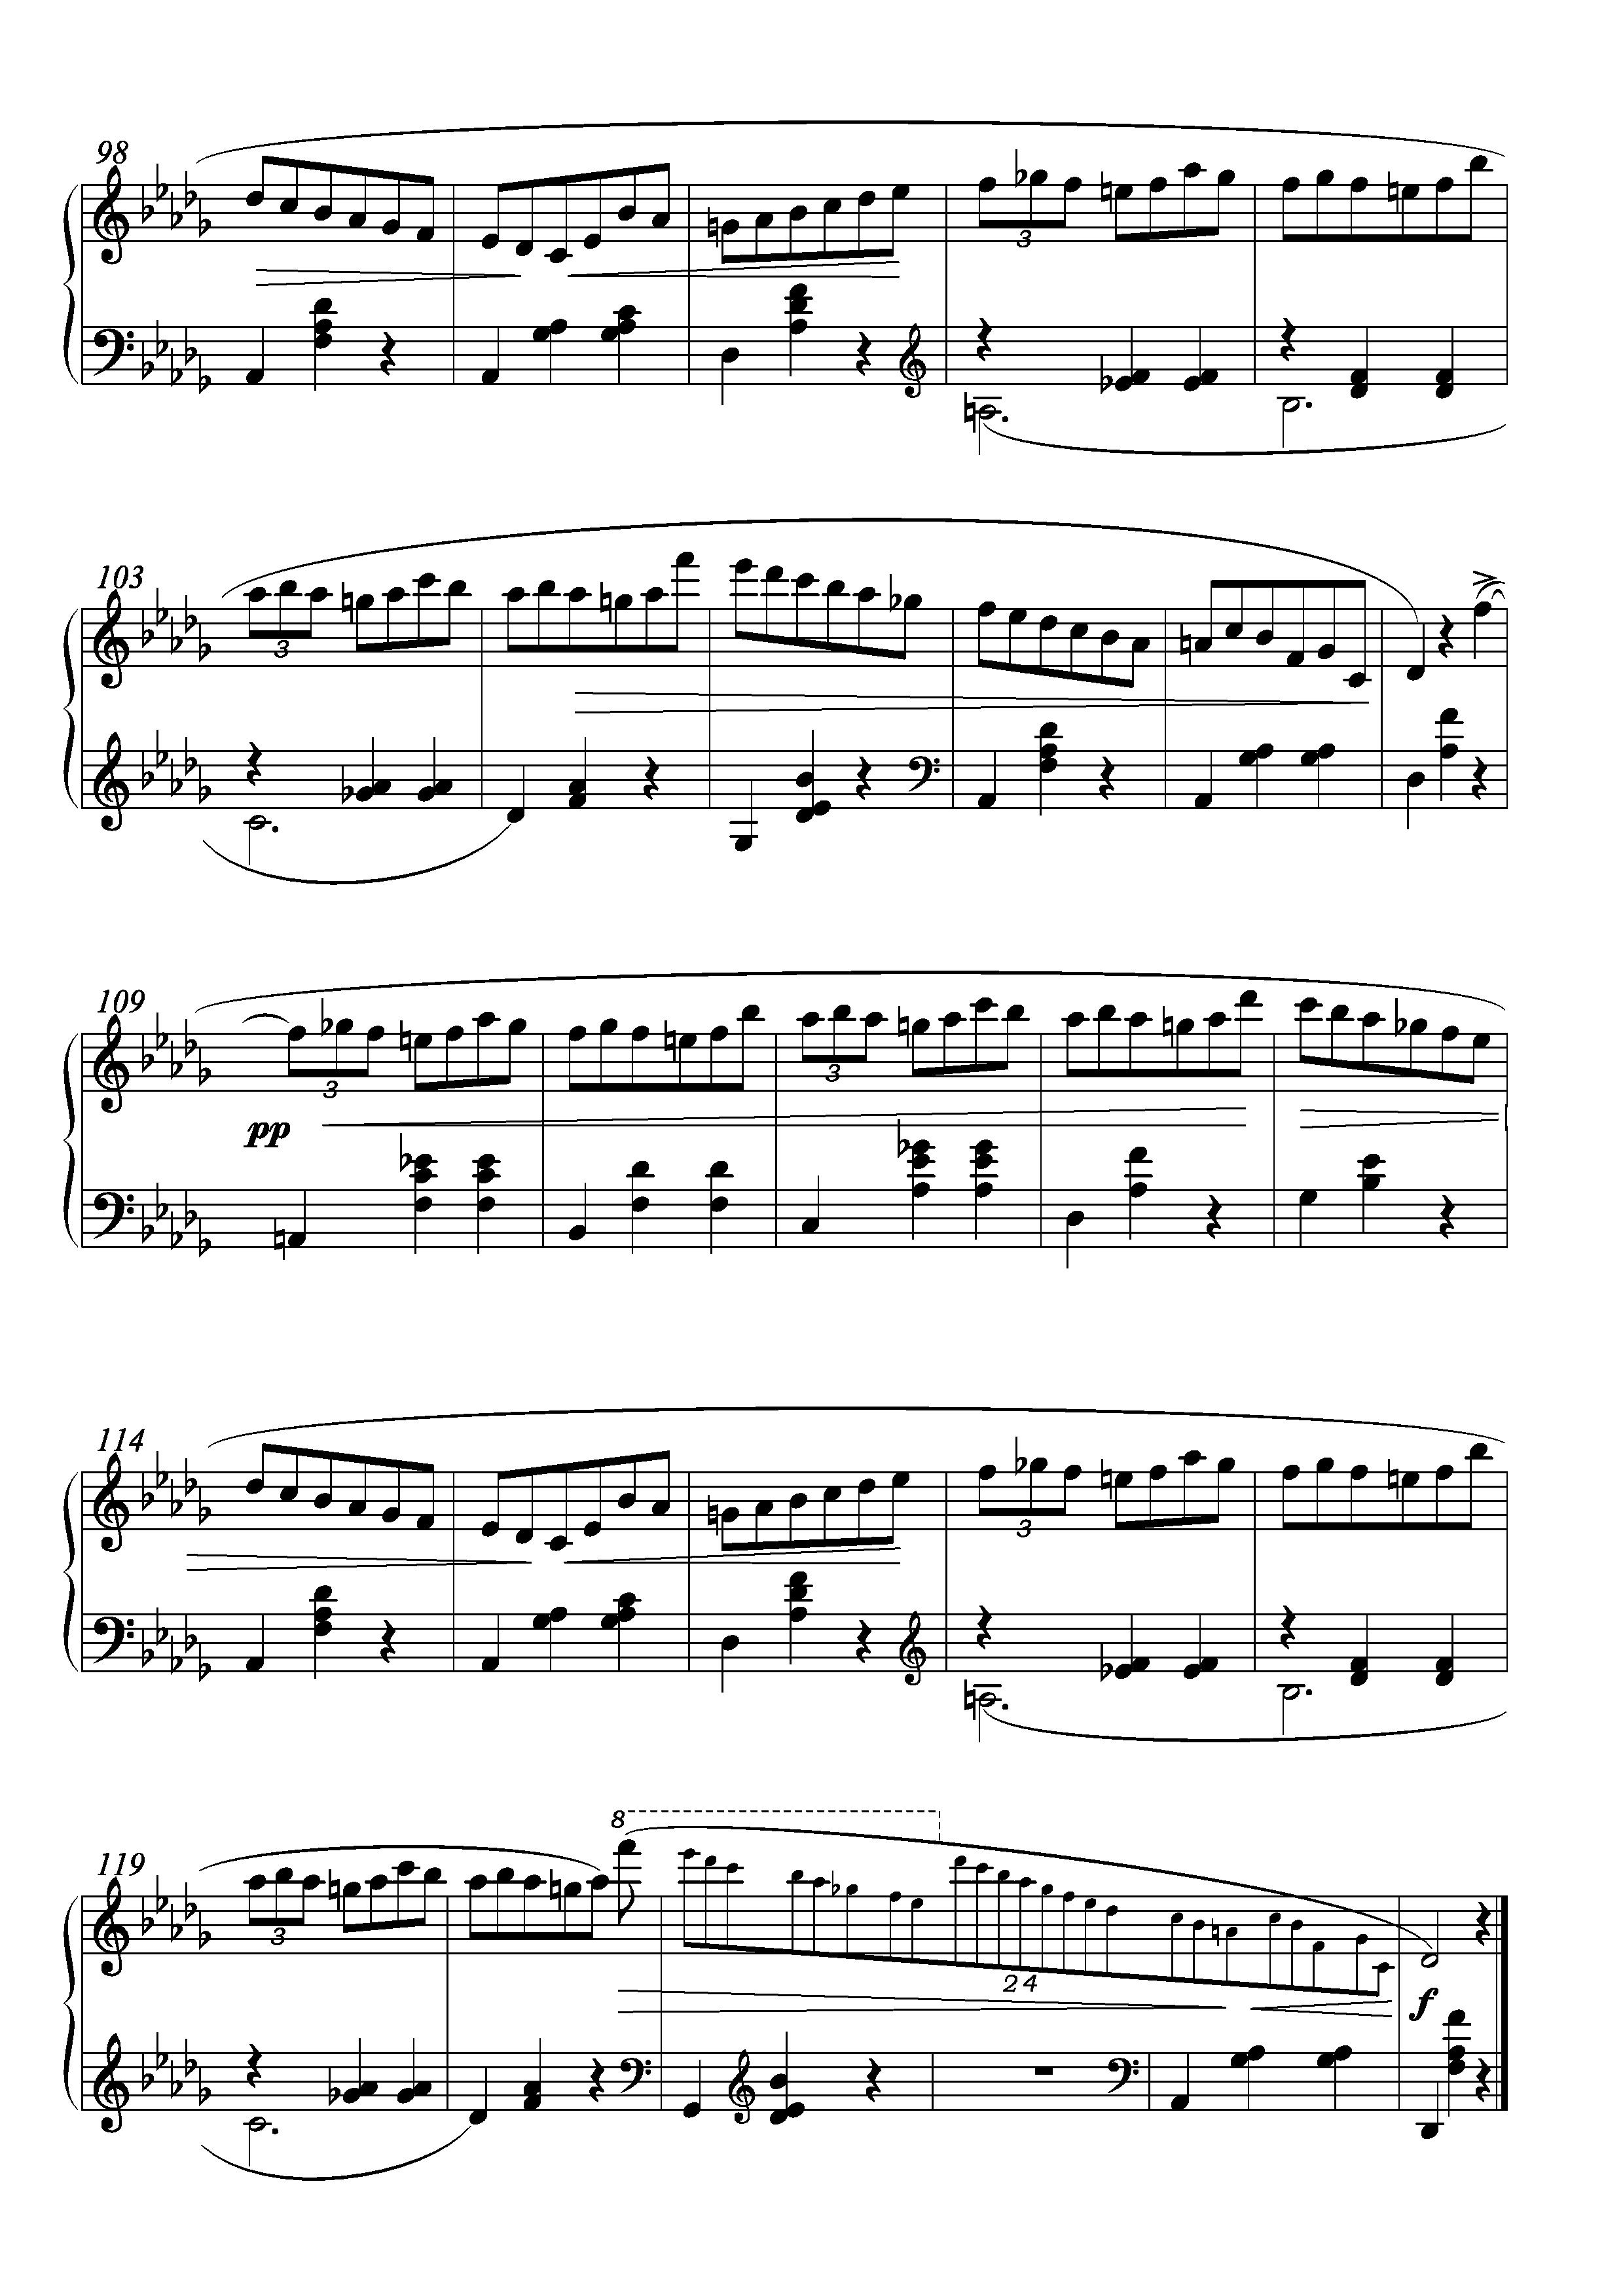 klavierunterricht für Jugendliche und Erwachsene in Wien! klavierspielen.at